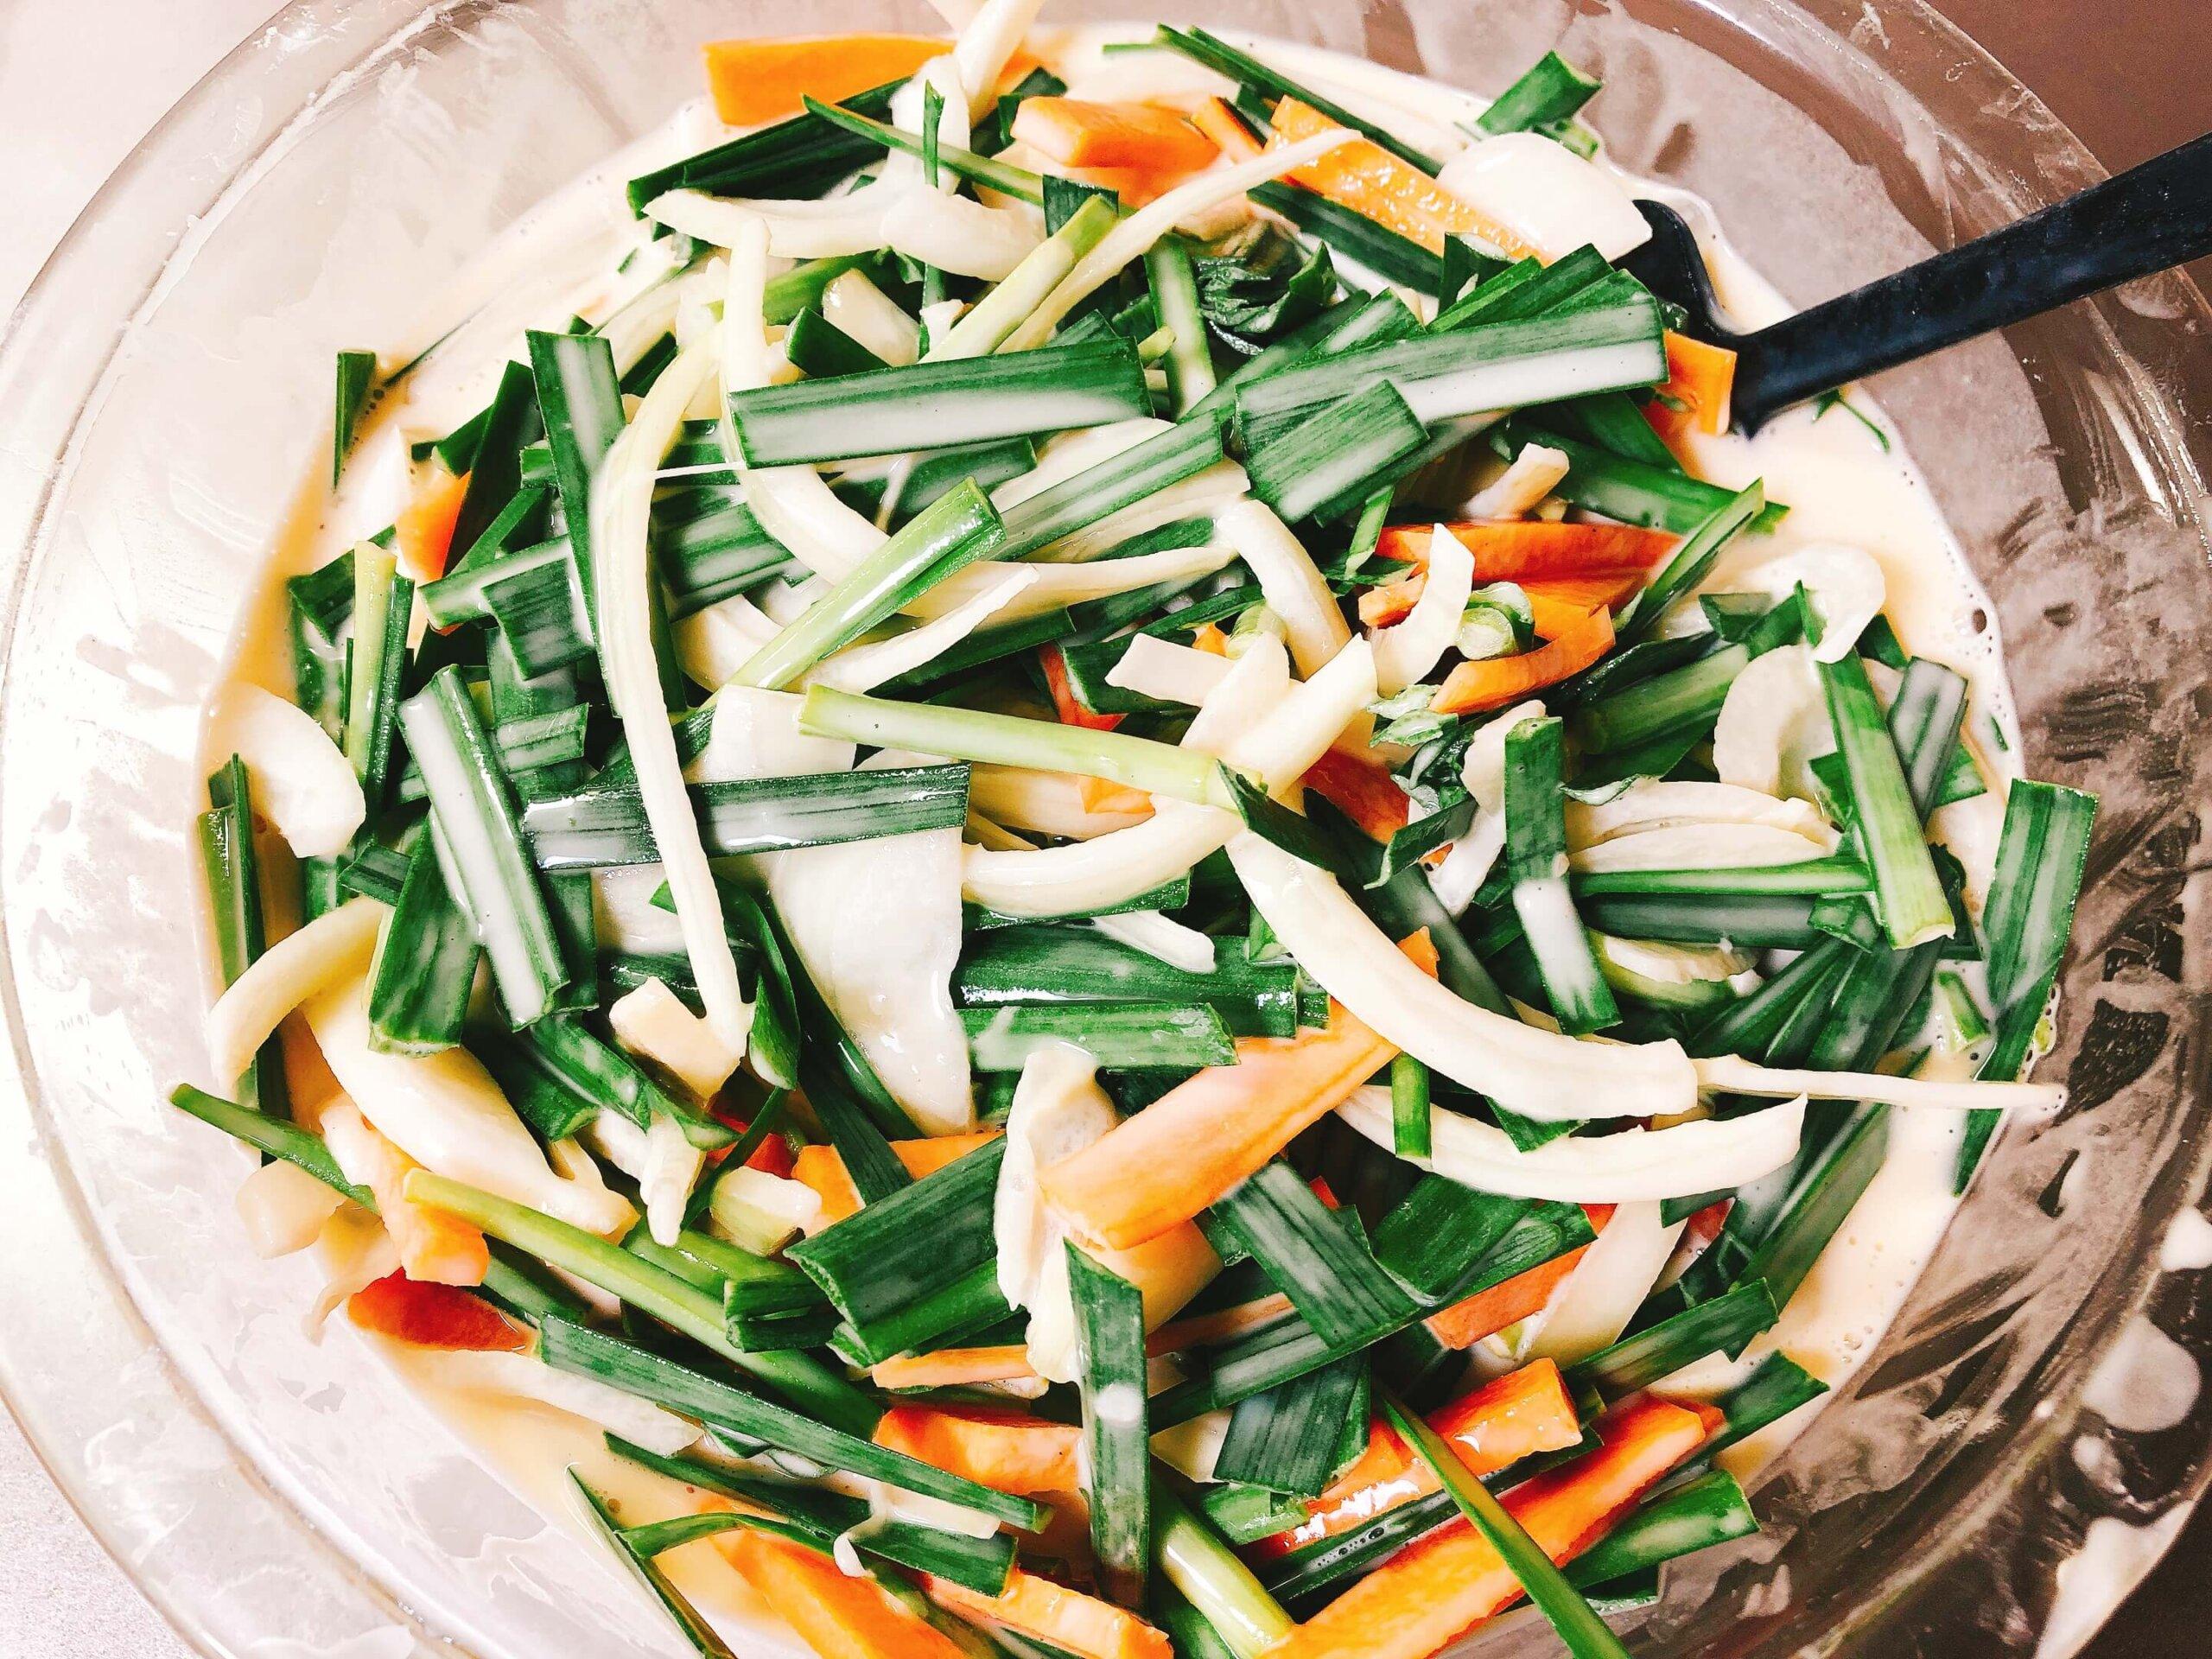 野菜チヂミ混ぜ合わせ